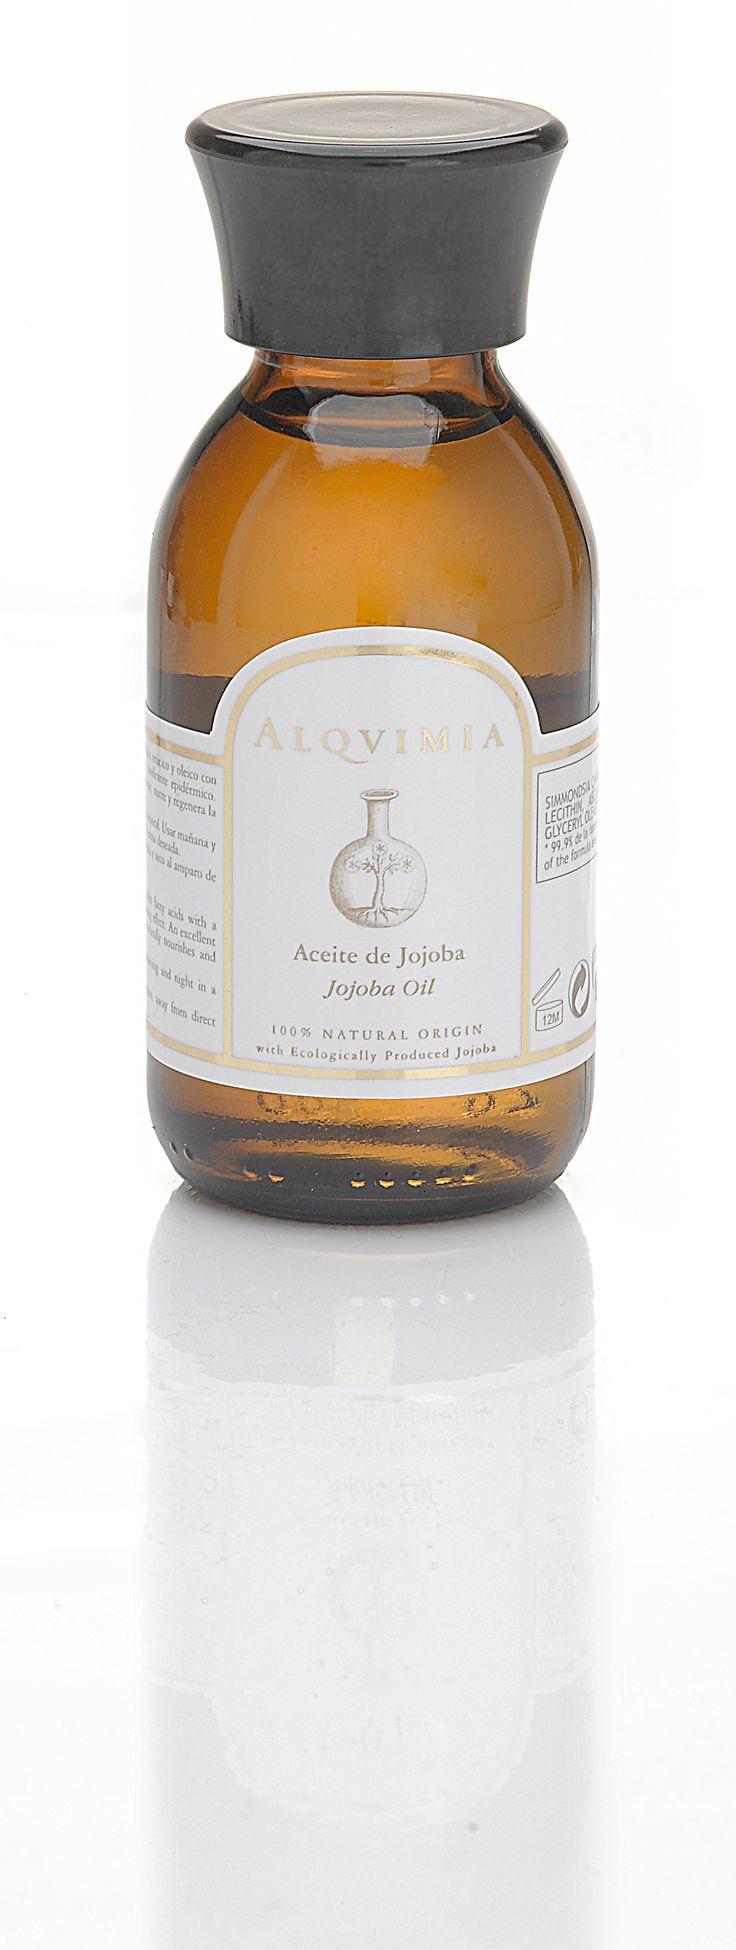 100% naturalny olejek z #jojoba, wyjątkowy na #trądzik, dla #dzieci, #olej najwyższej jakości i czystości nie mieszany